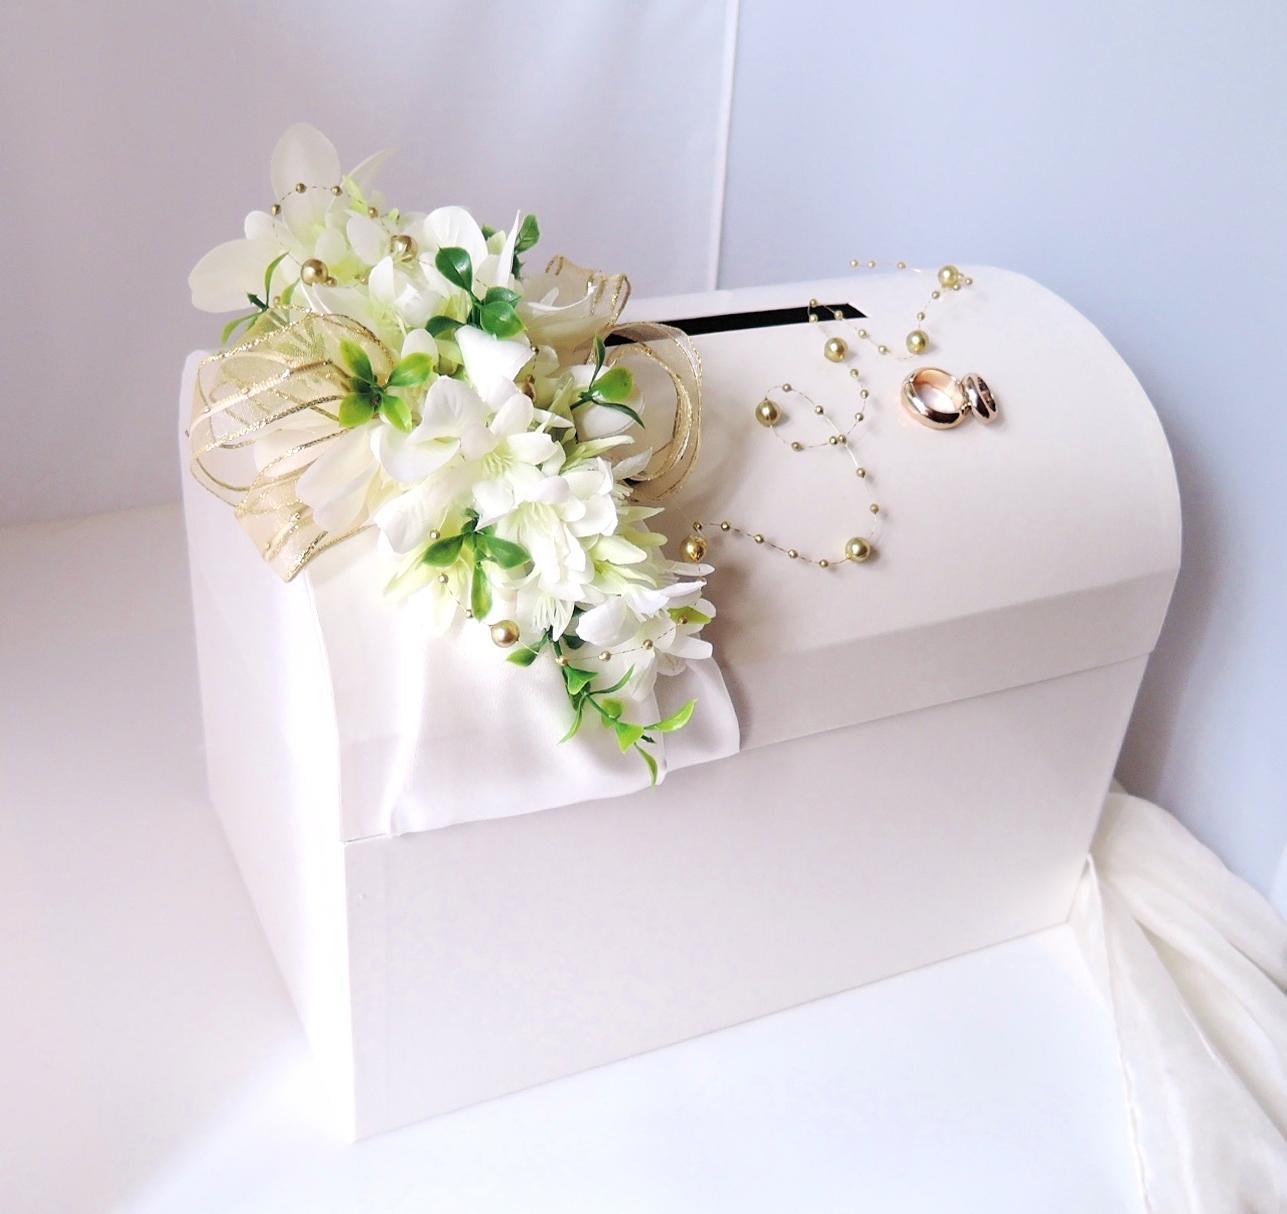 svatební pokladnička velká - zlatobílá-pronájem - Obrázek č. 1